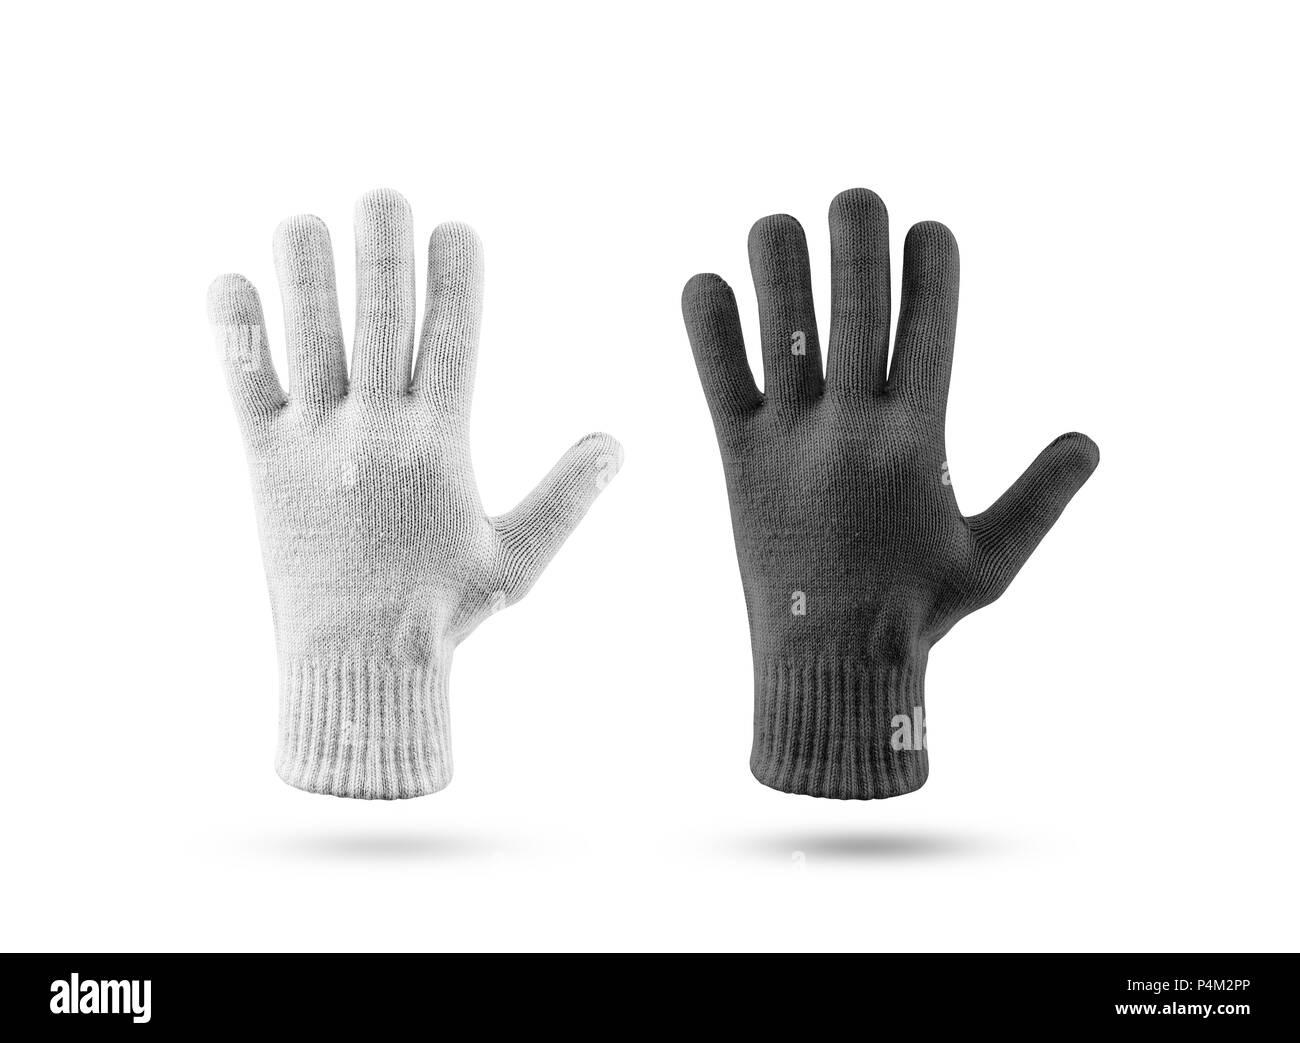 Leer aus Gewirken winter handschuhe Mockup, Schwarz und Weiß. Klar ...